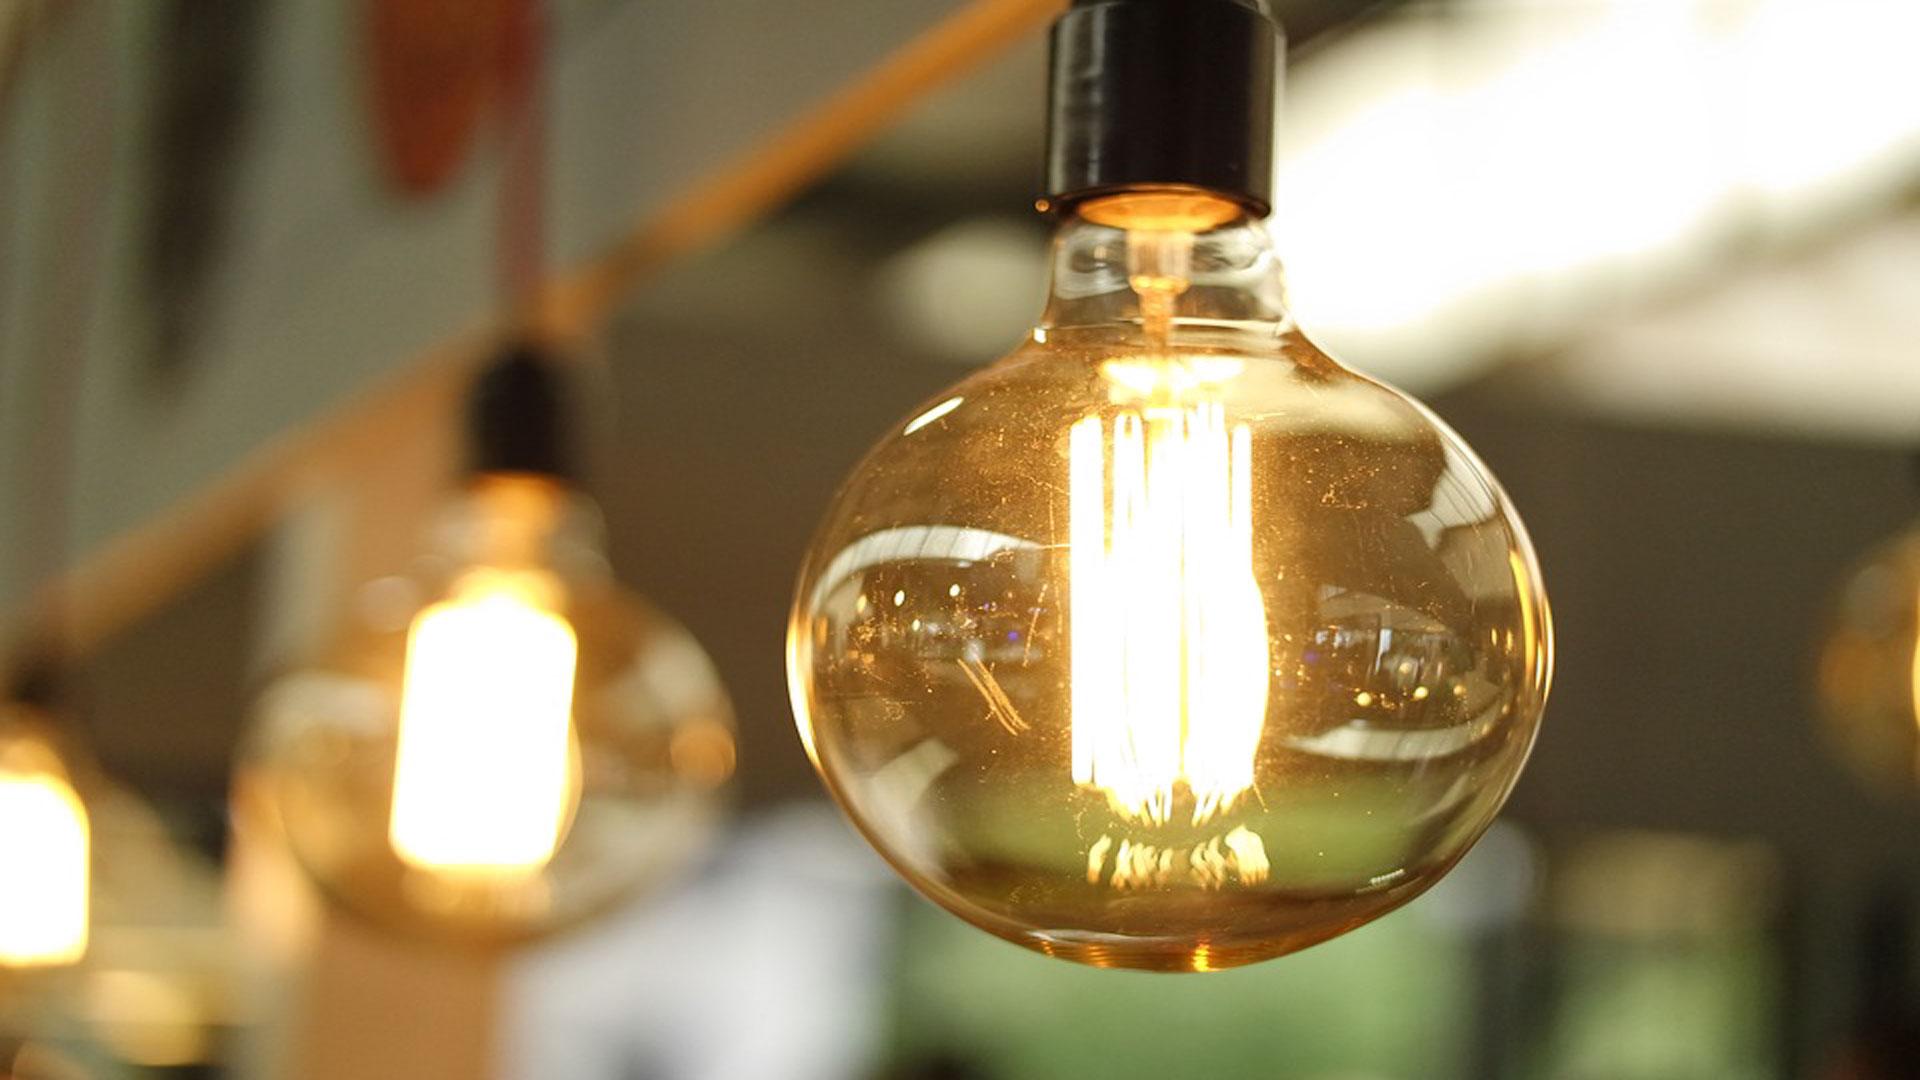 La-electricidad-continúa-generando-insatisfacción-en-los-hogares-españoles-1920